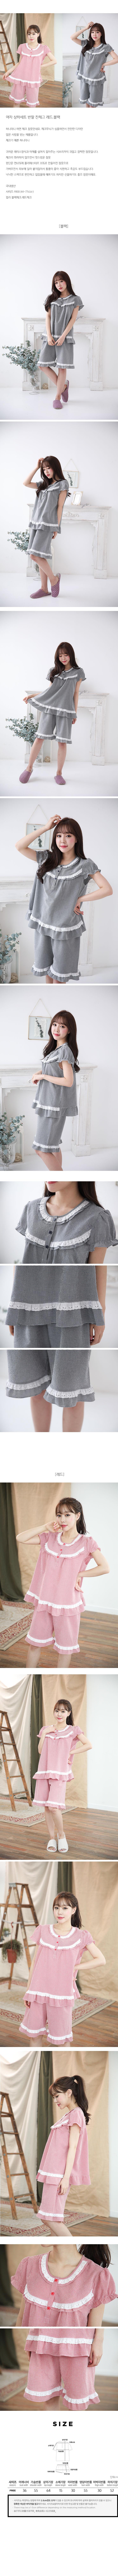 100493 남자여자잠옷 커플잠옷 반팔파자마 면 잠옷 여름잠옷 - 혀니미니, 46,600원, 잠옷, 여성파자마